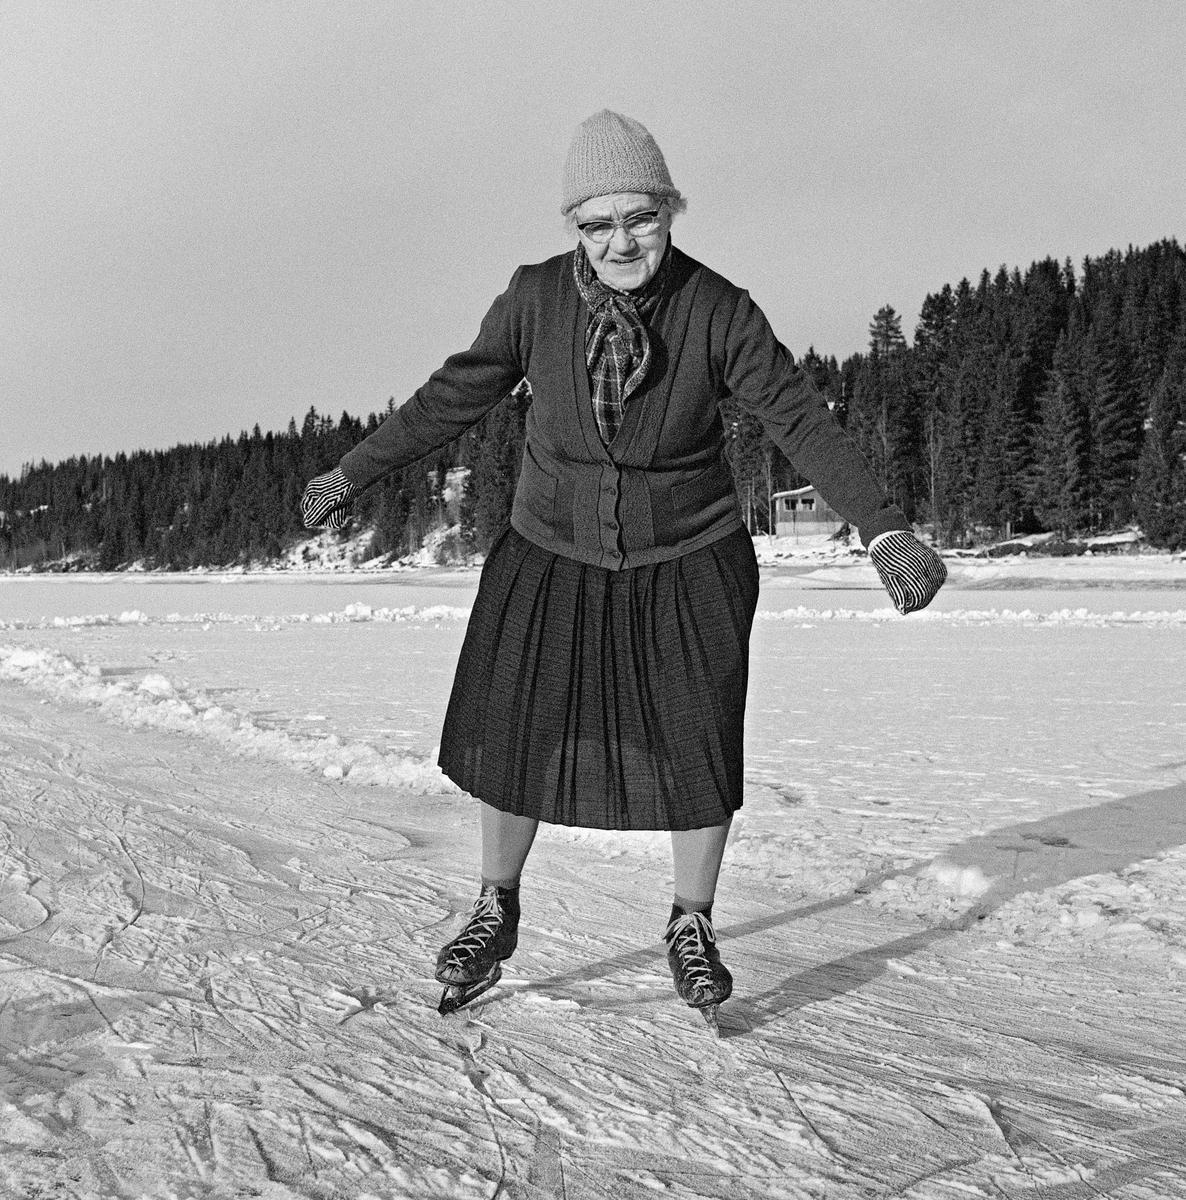 e71d3ae9 Da 84-årige Karoline Nergaard (1884-1980) fra Søre Osen i Trysil kommune,  fotografert med skøyter ...